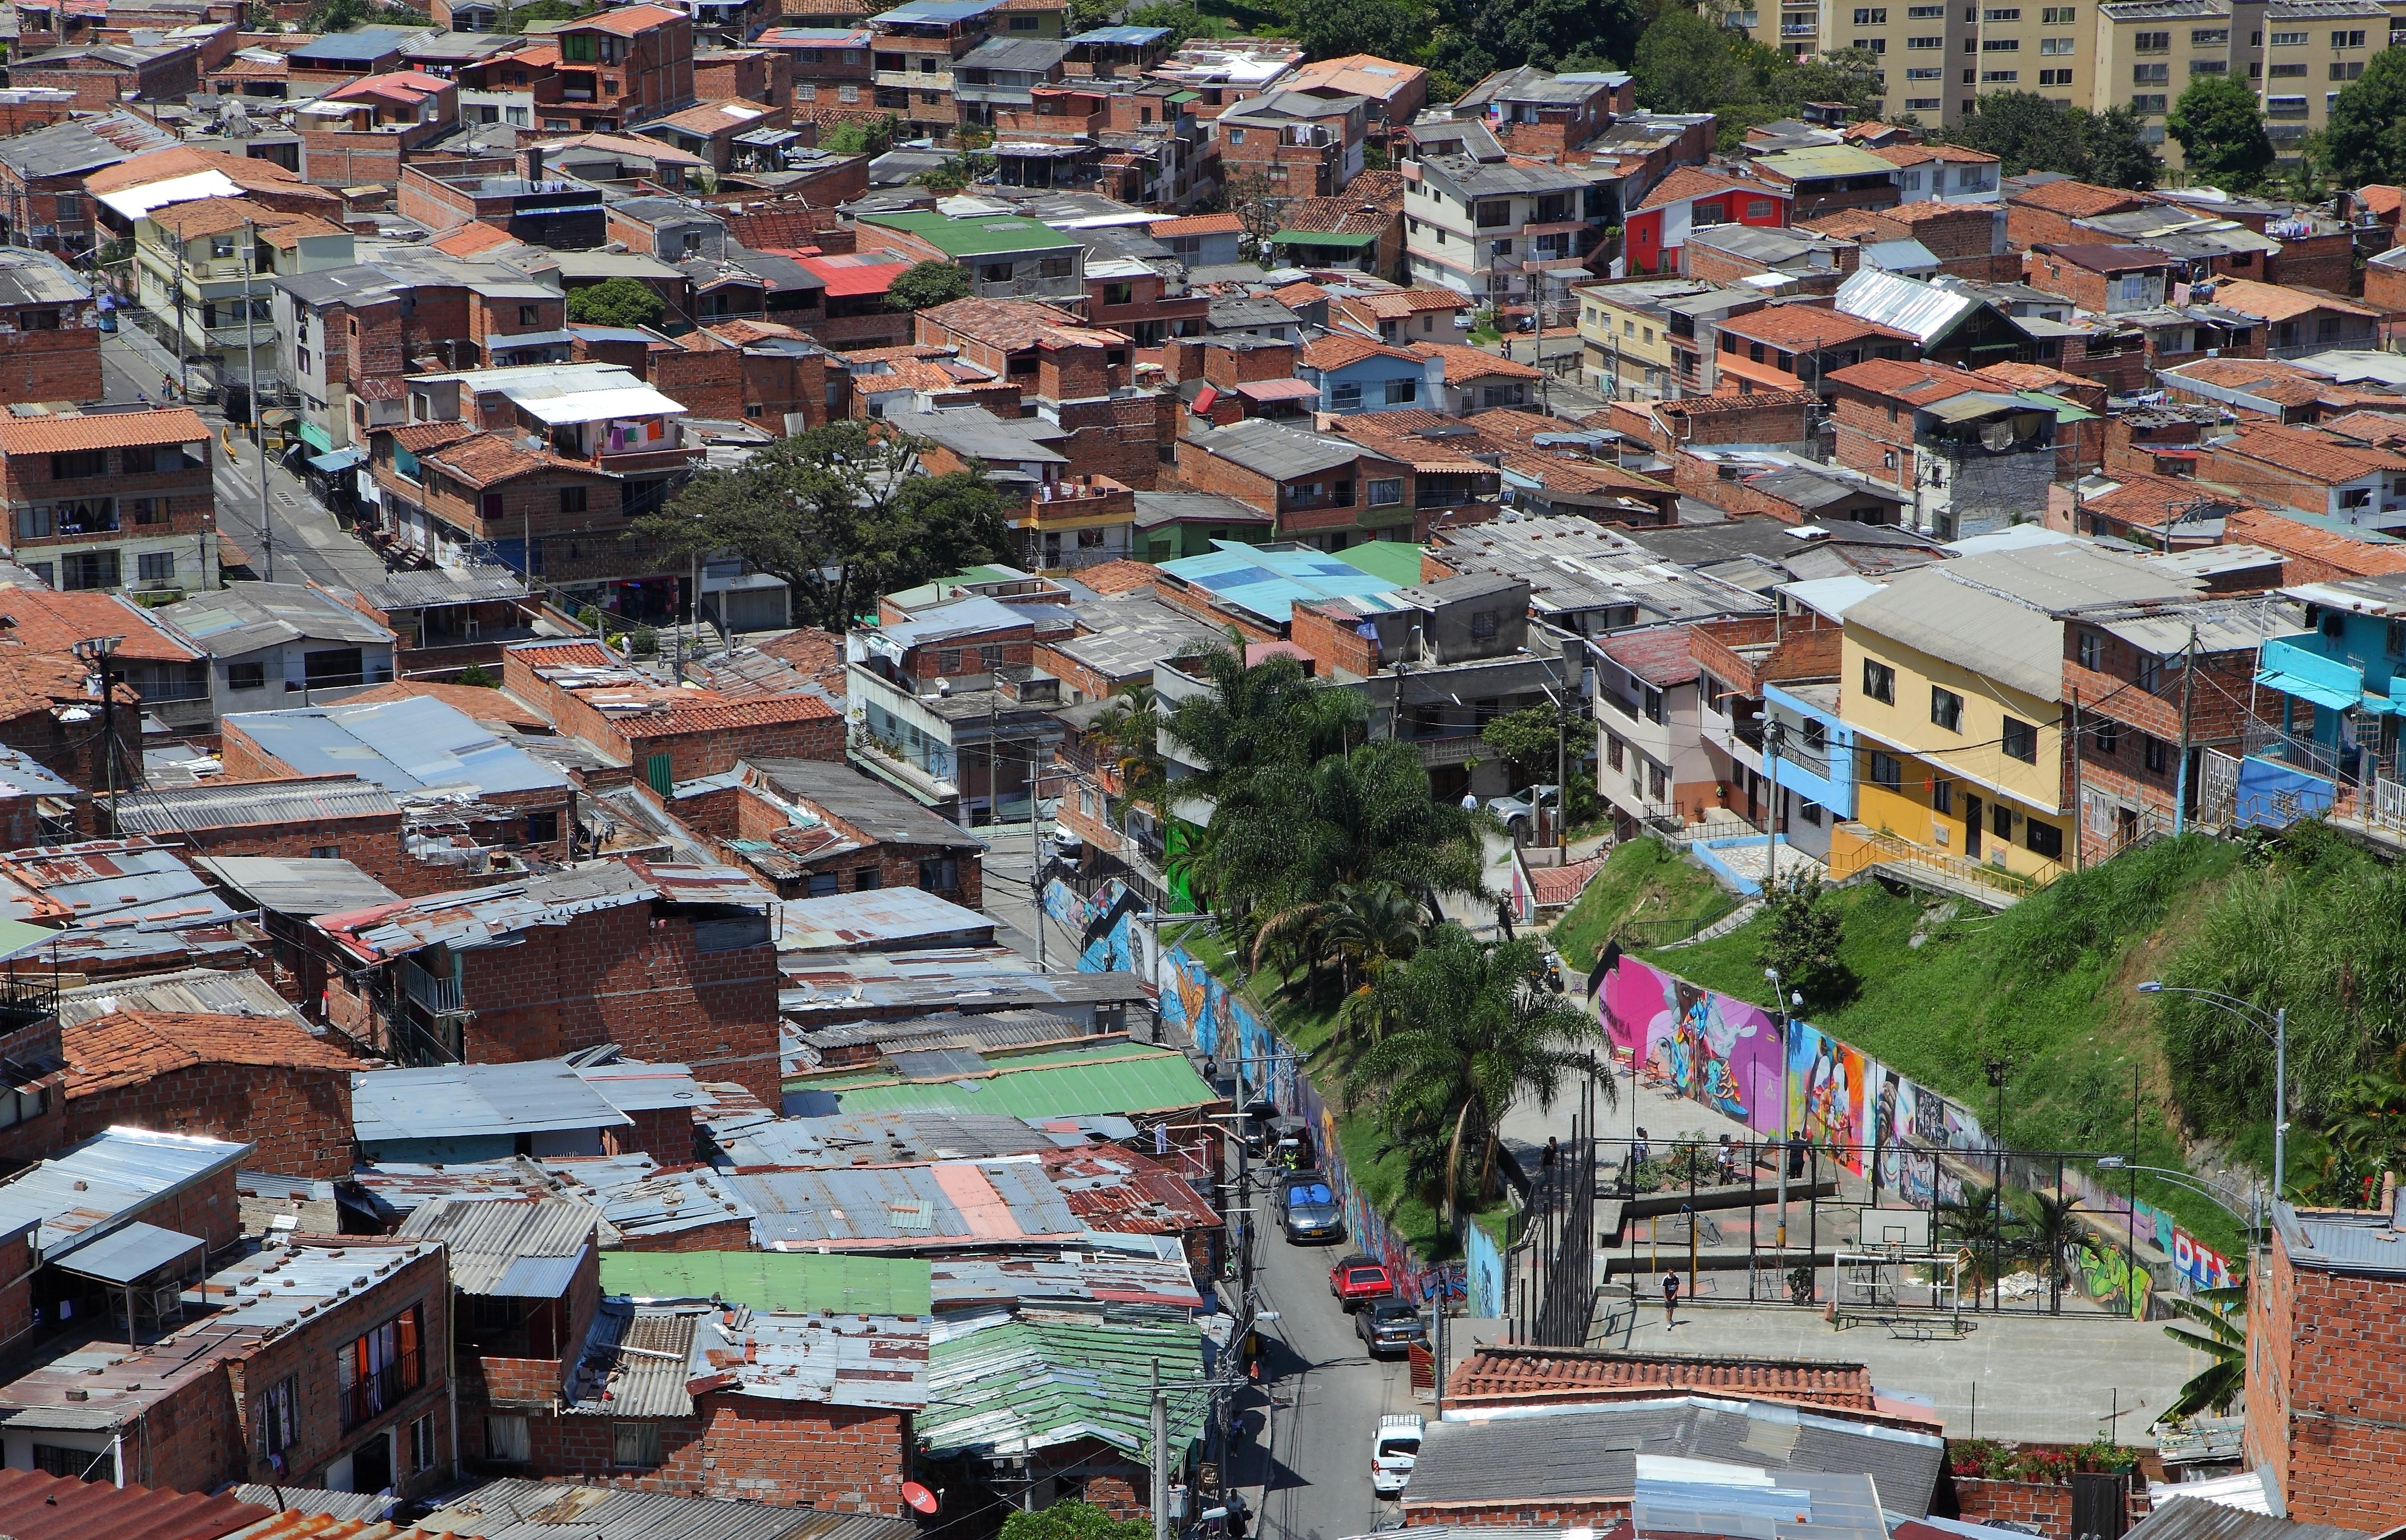 La Comuna 13 ha vivido y padecido distintos fenómenos sociales negativos que también han sido el motivo para que el arte se haya convertido en industria creativa gracias al talento de sus jóvenes y líderes. Foto: Óscar Tobón